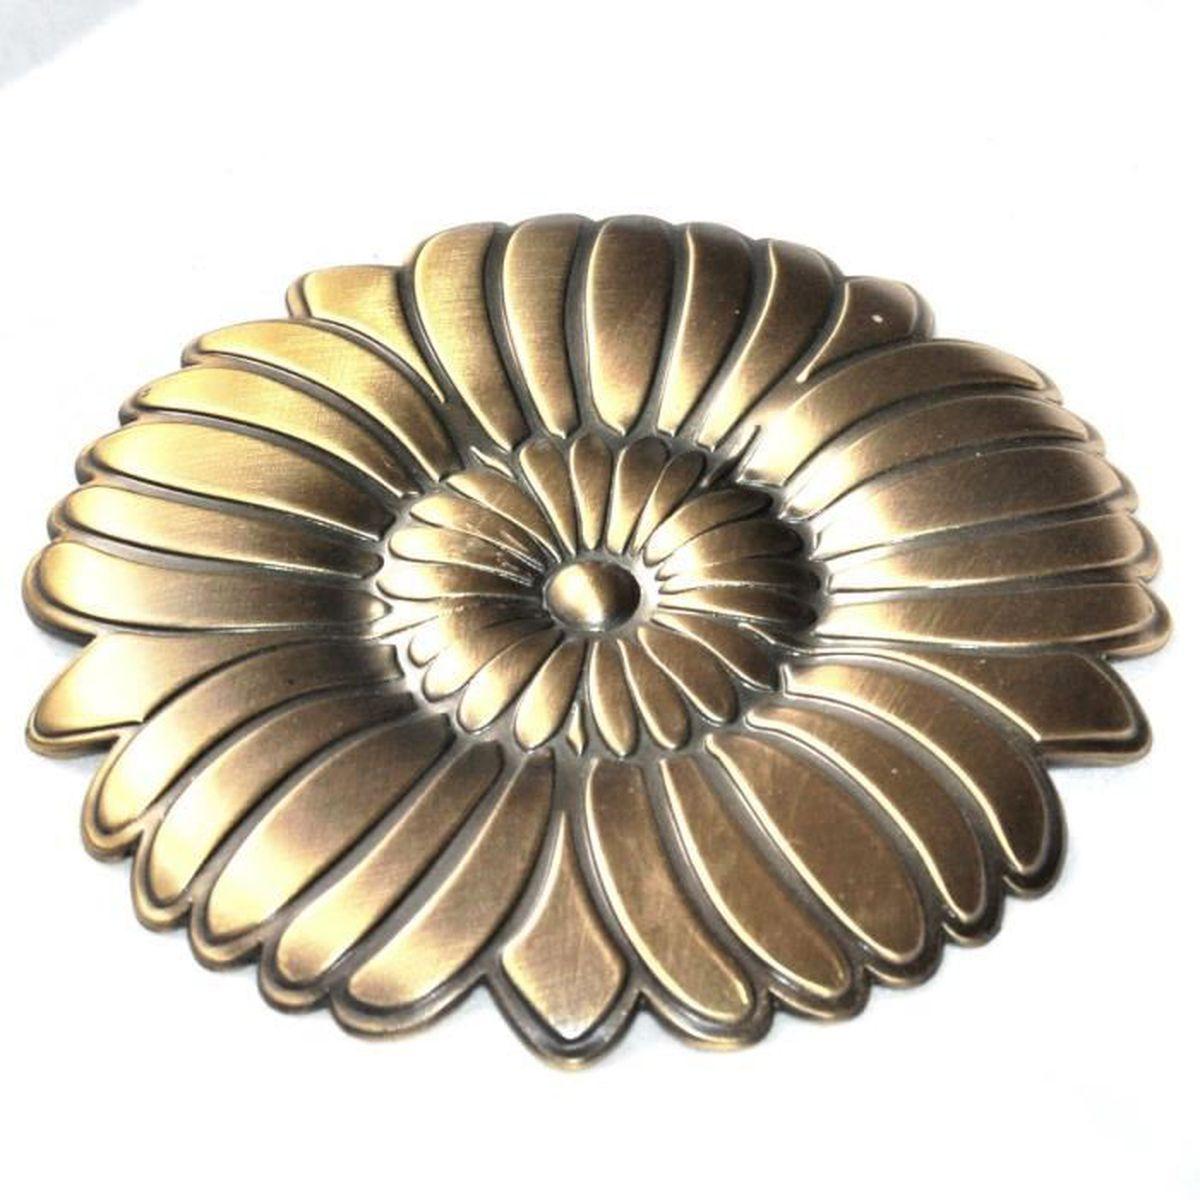 Grosse Broche Fleur Signé Kenzo Takada For Sofitel Alliage Bronze ... 72ad99e3929